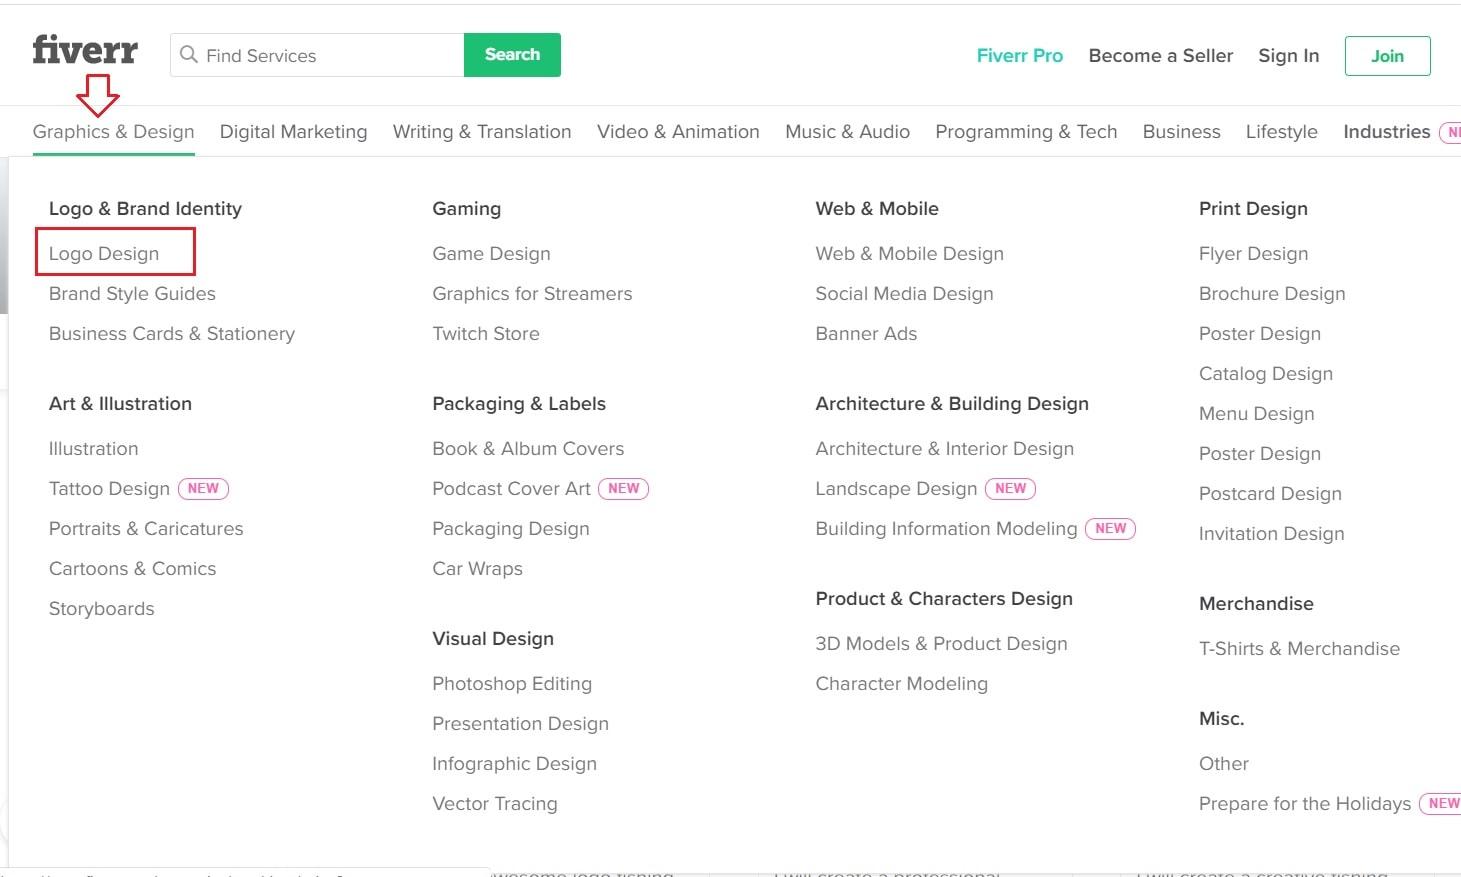 Fiverr screenshot: Graphics & Design menu